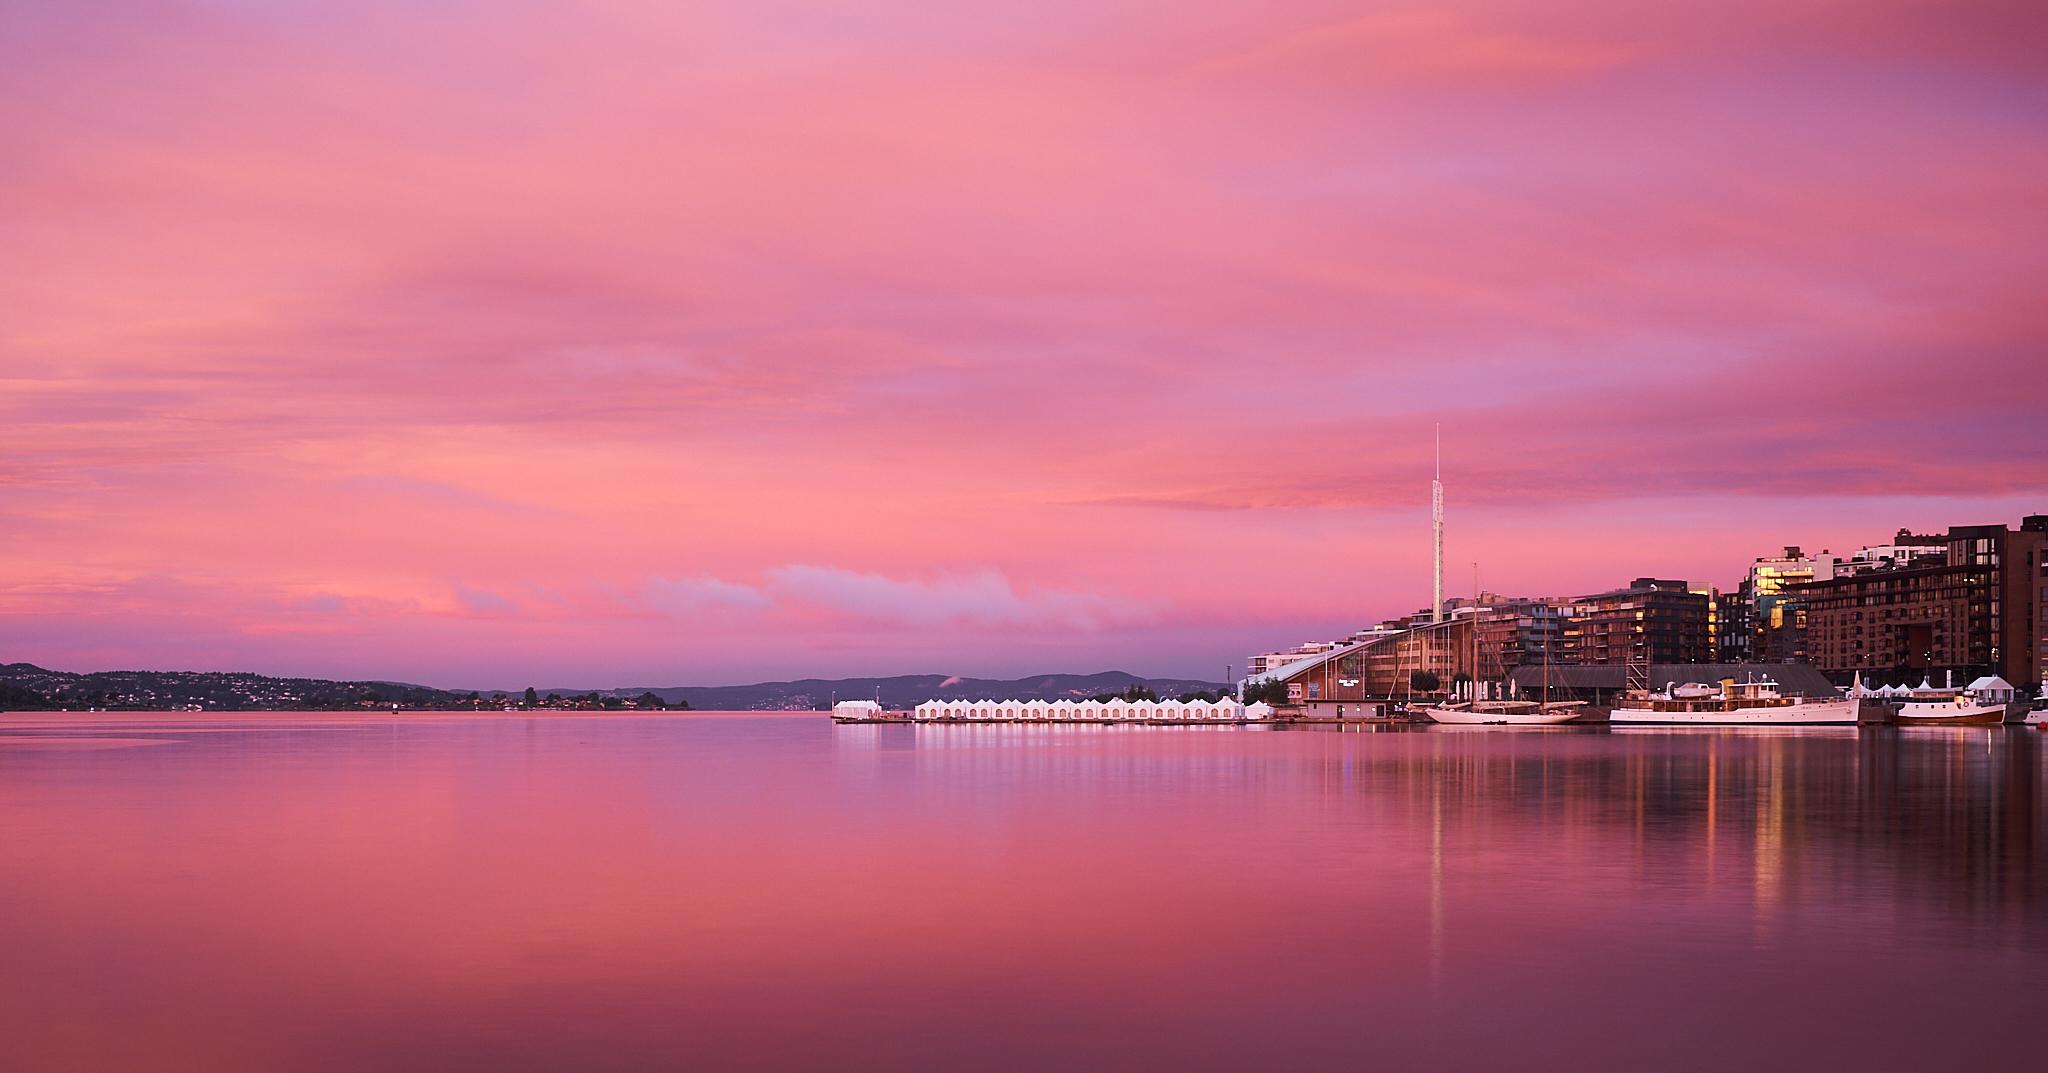 Sunrise over aker brygge